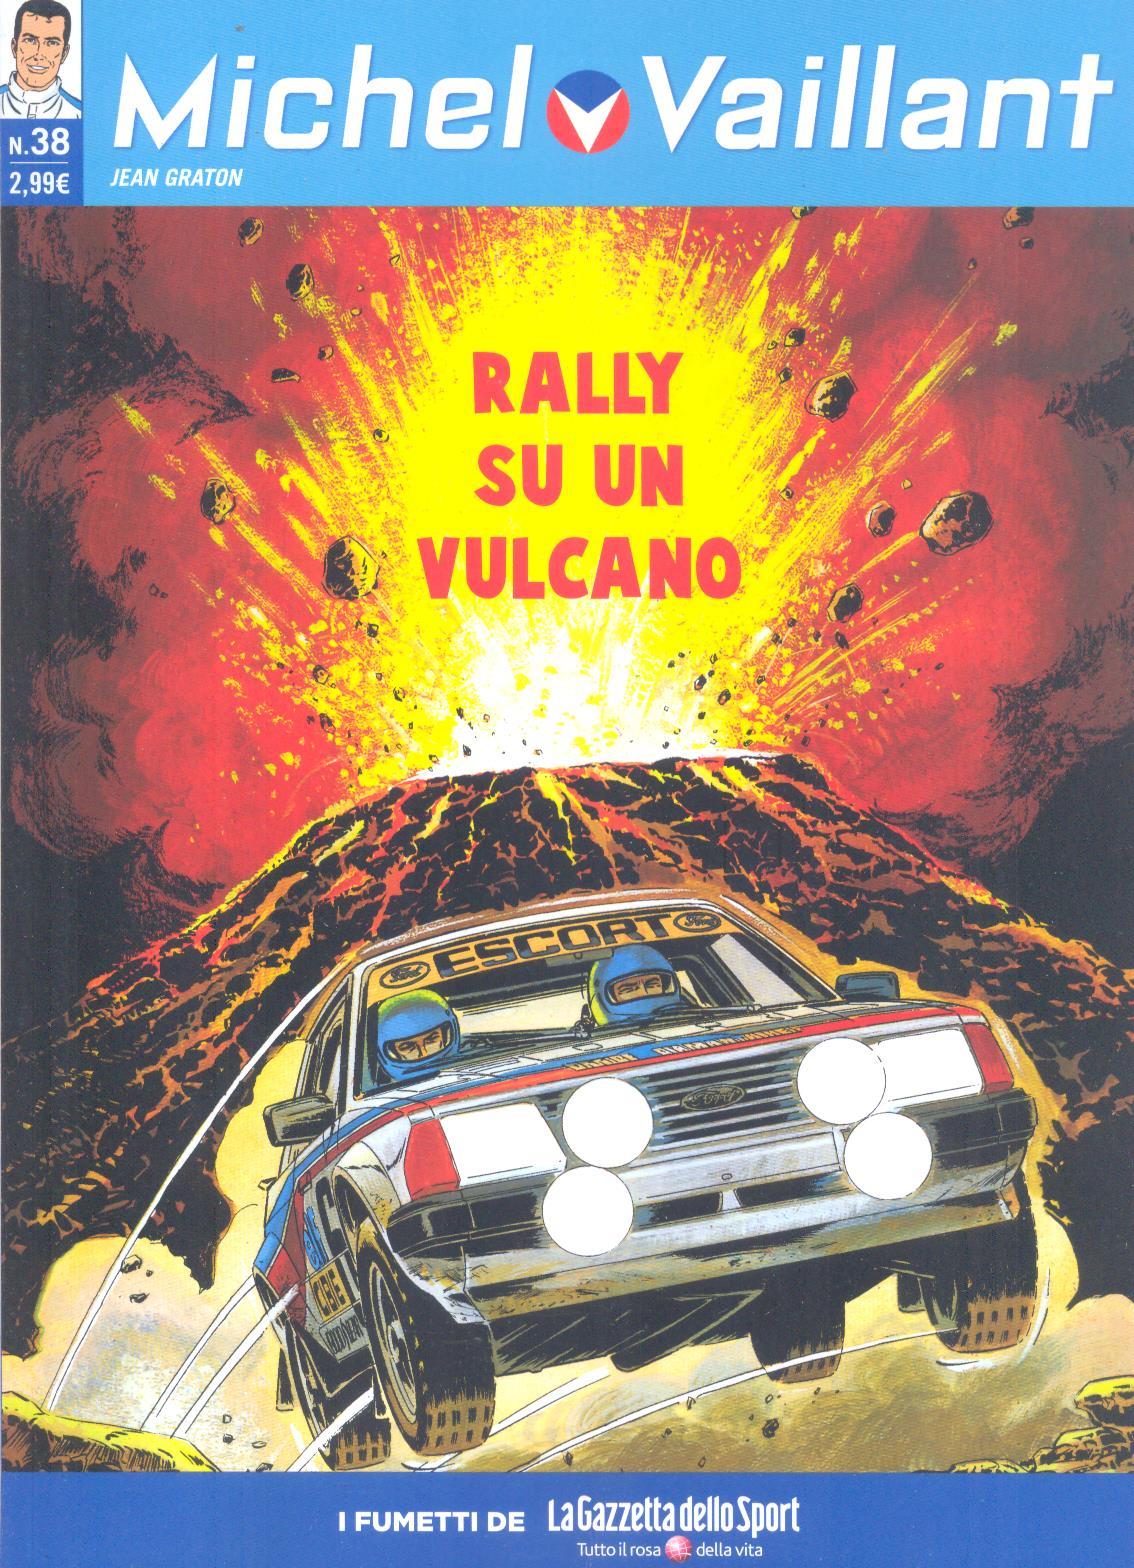 Michel Vaillant vol. 38